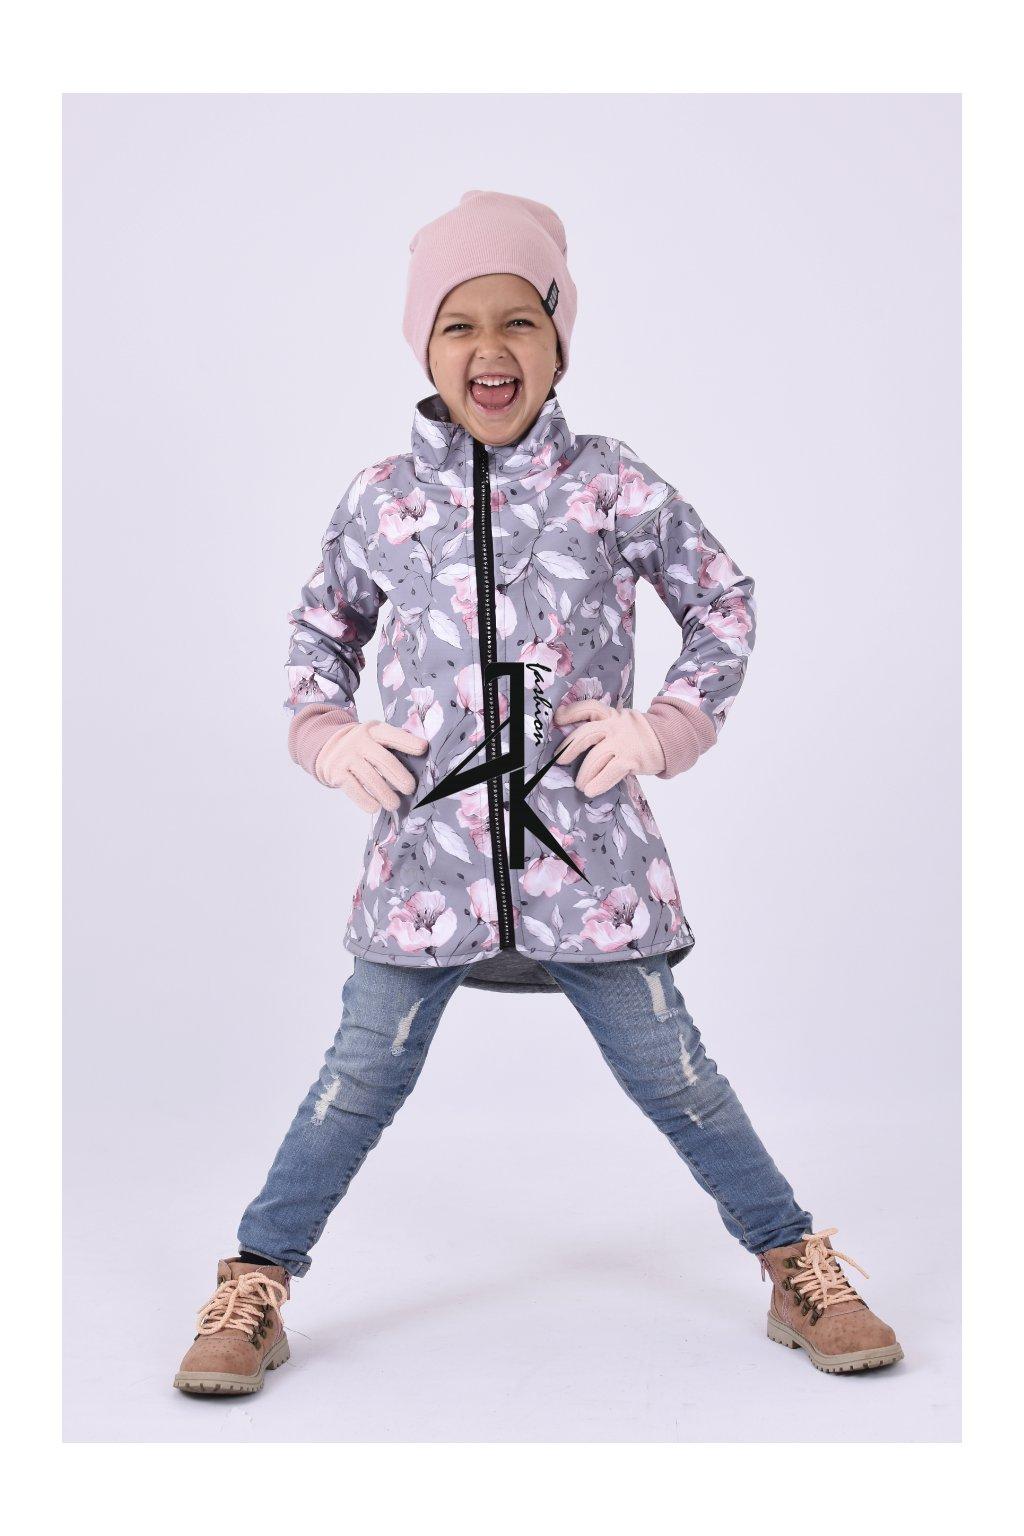 Lili zimni bunda1 small